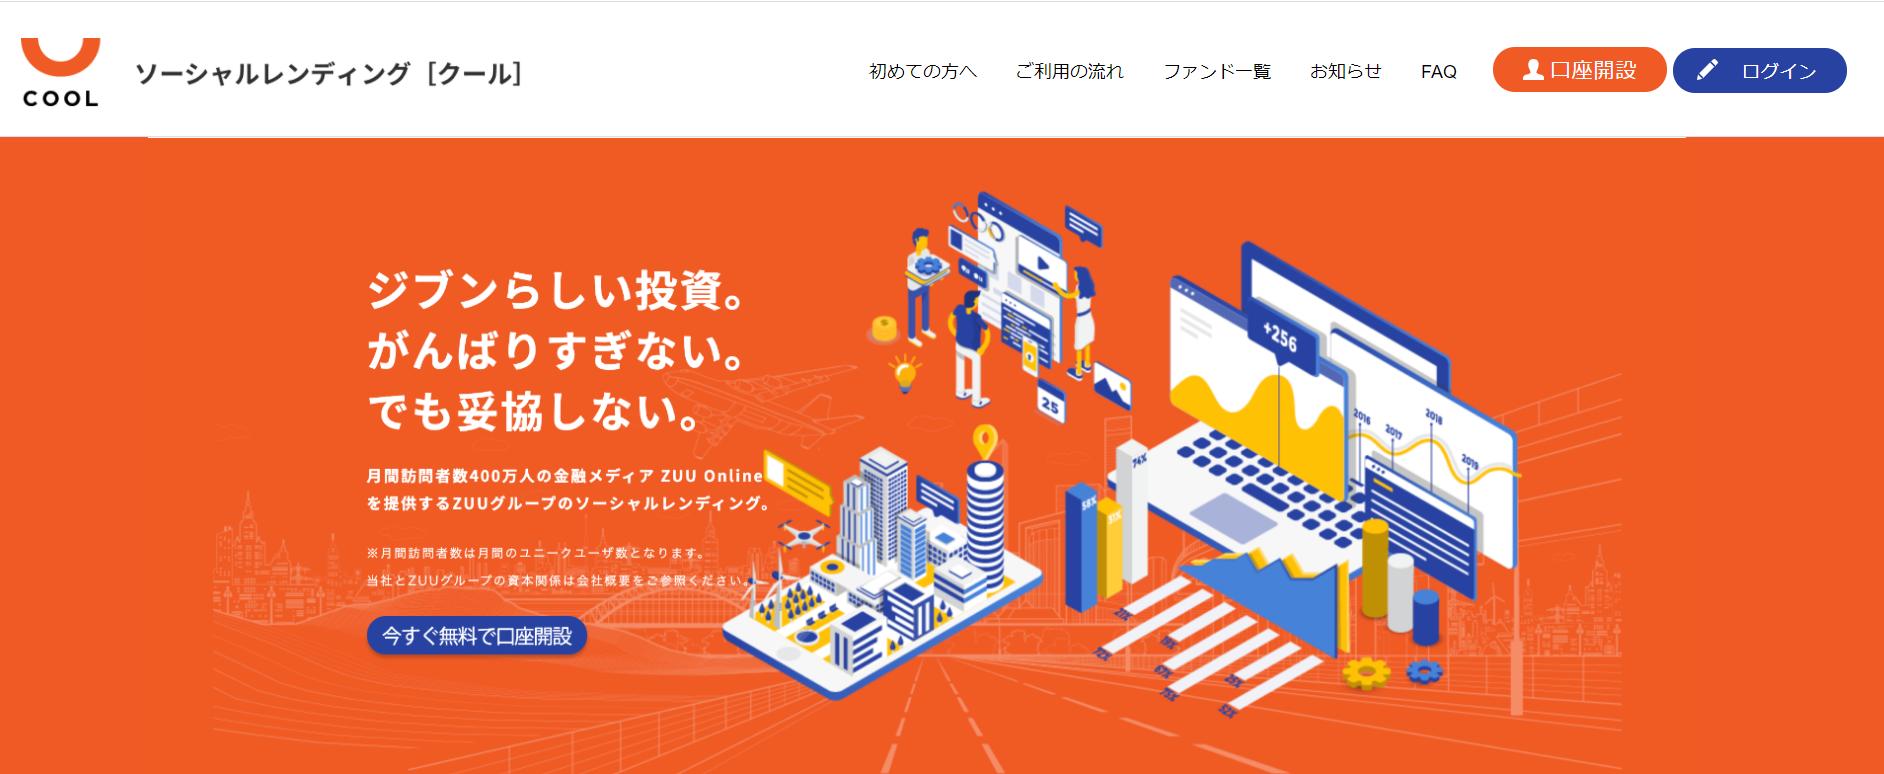 ソーシャルレンディング サービス「COOL」、日本保証との業務提携及び保証提携のお知らせ